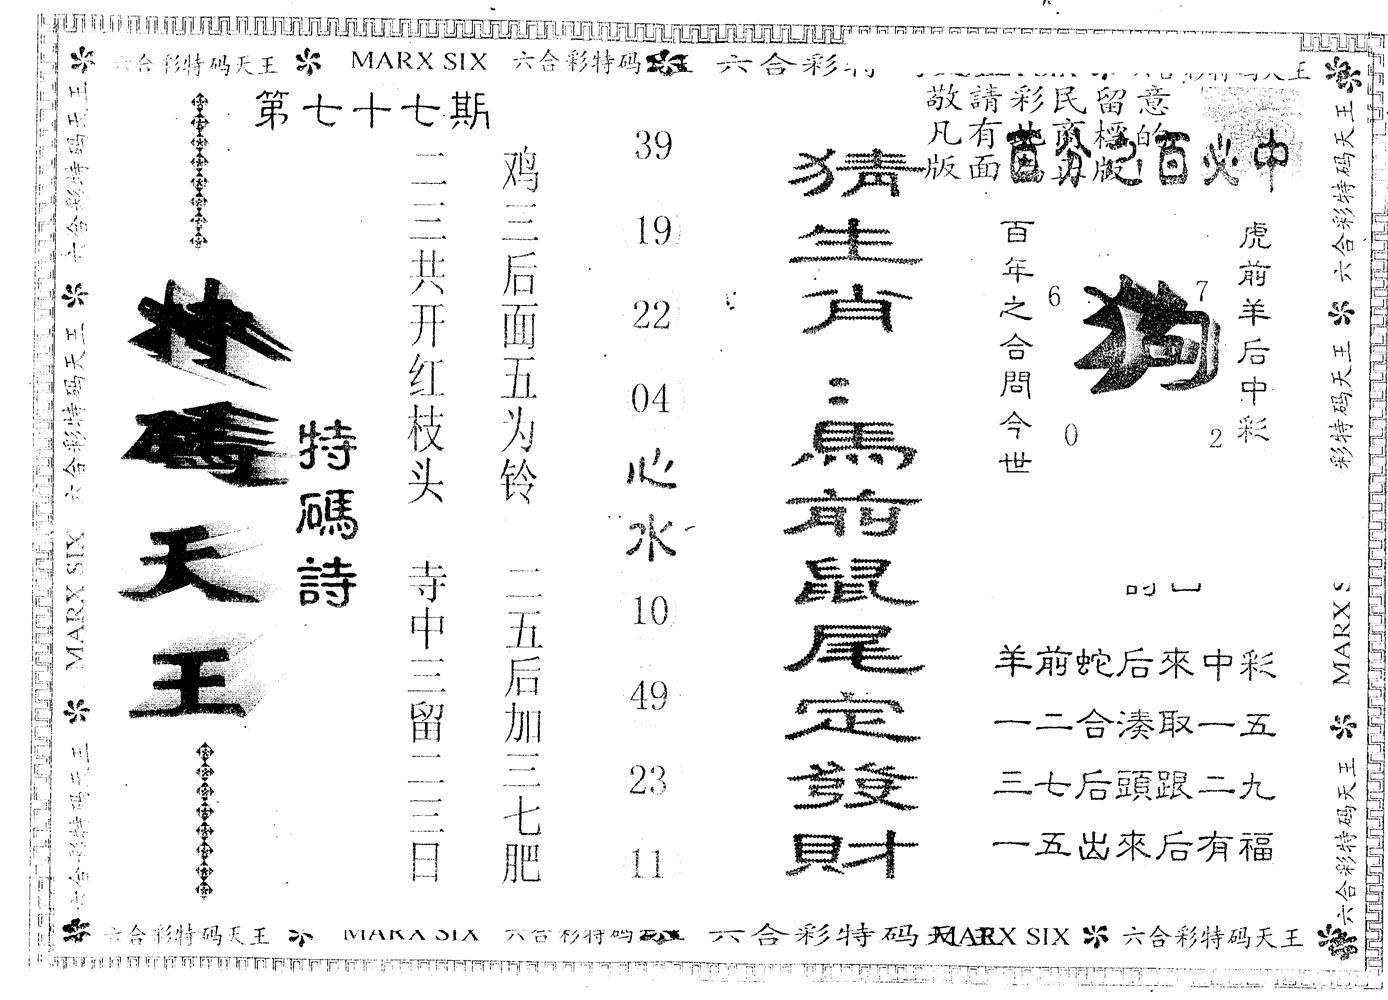 077期另版特码天王(黑白)